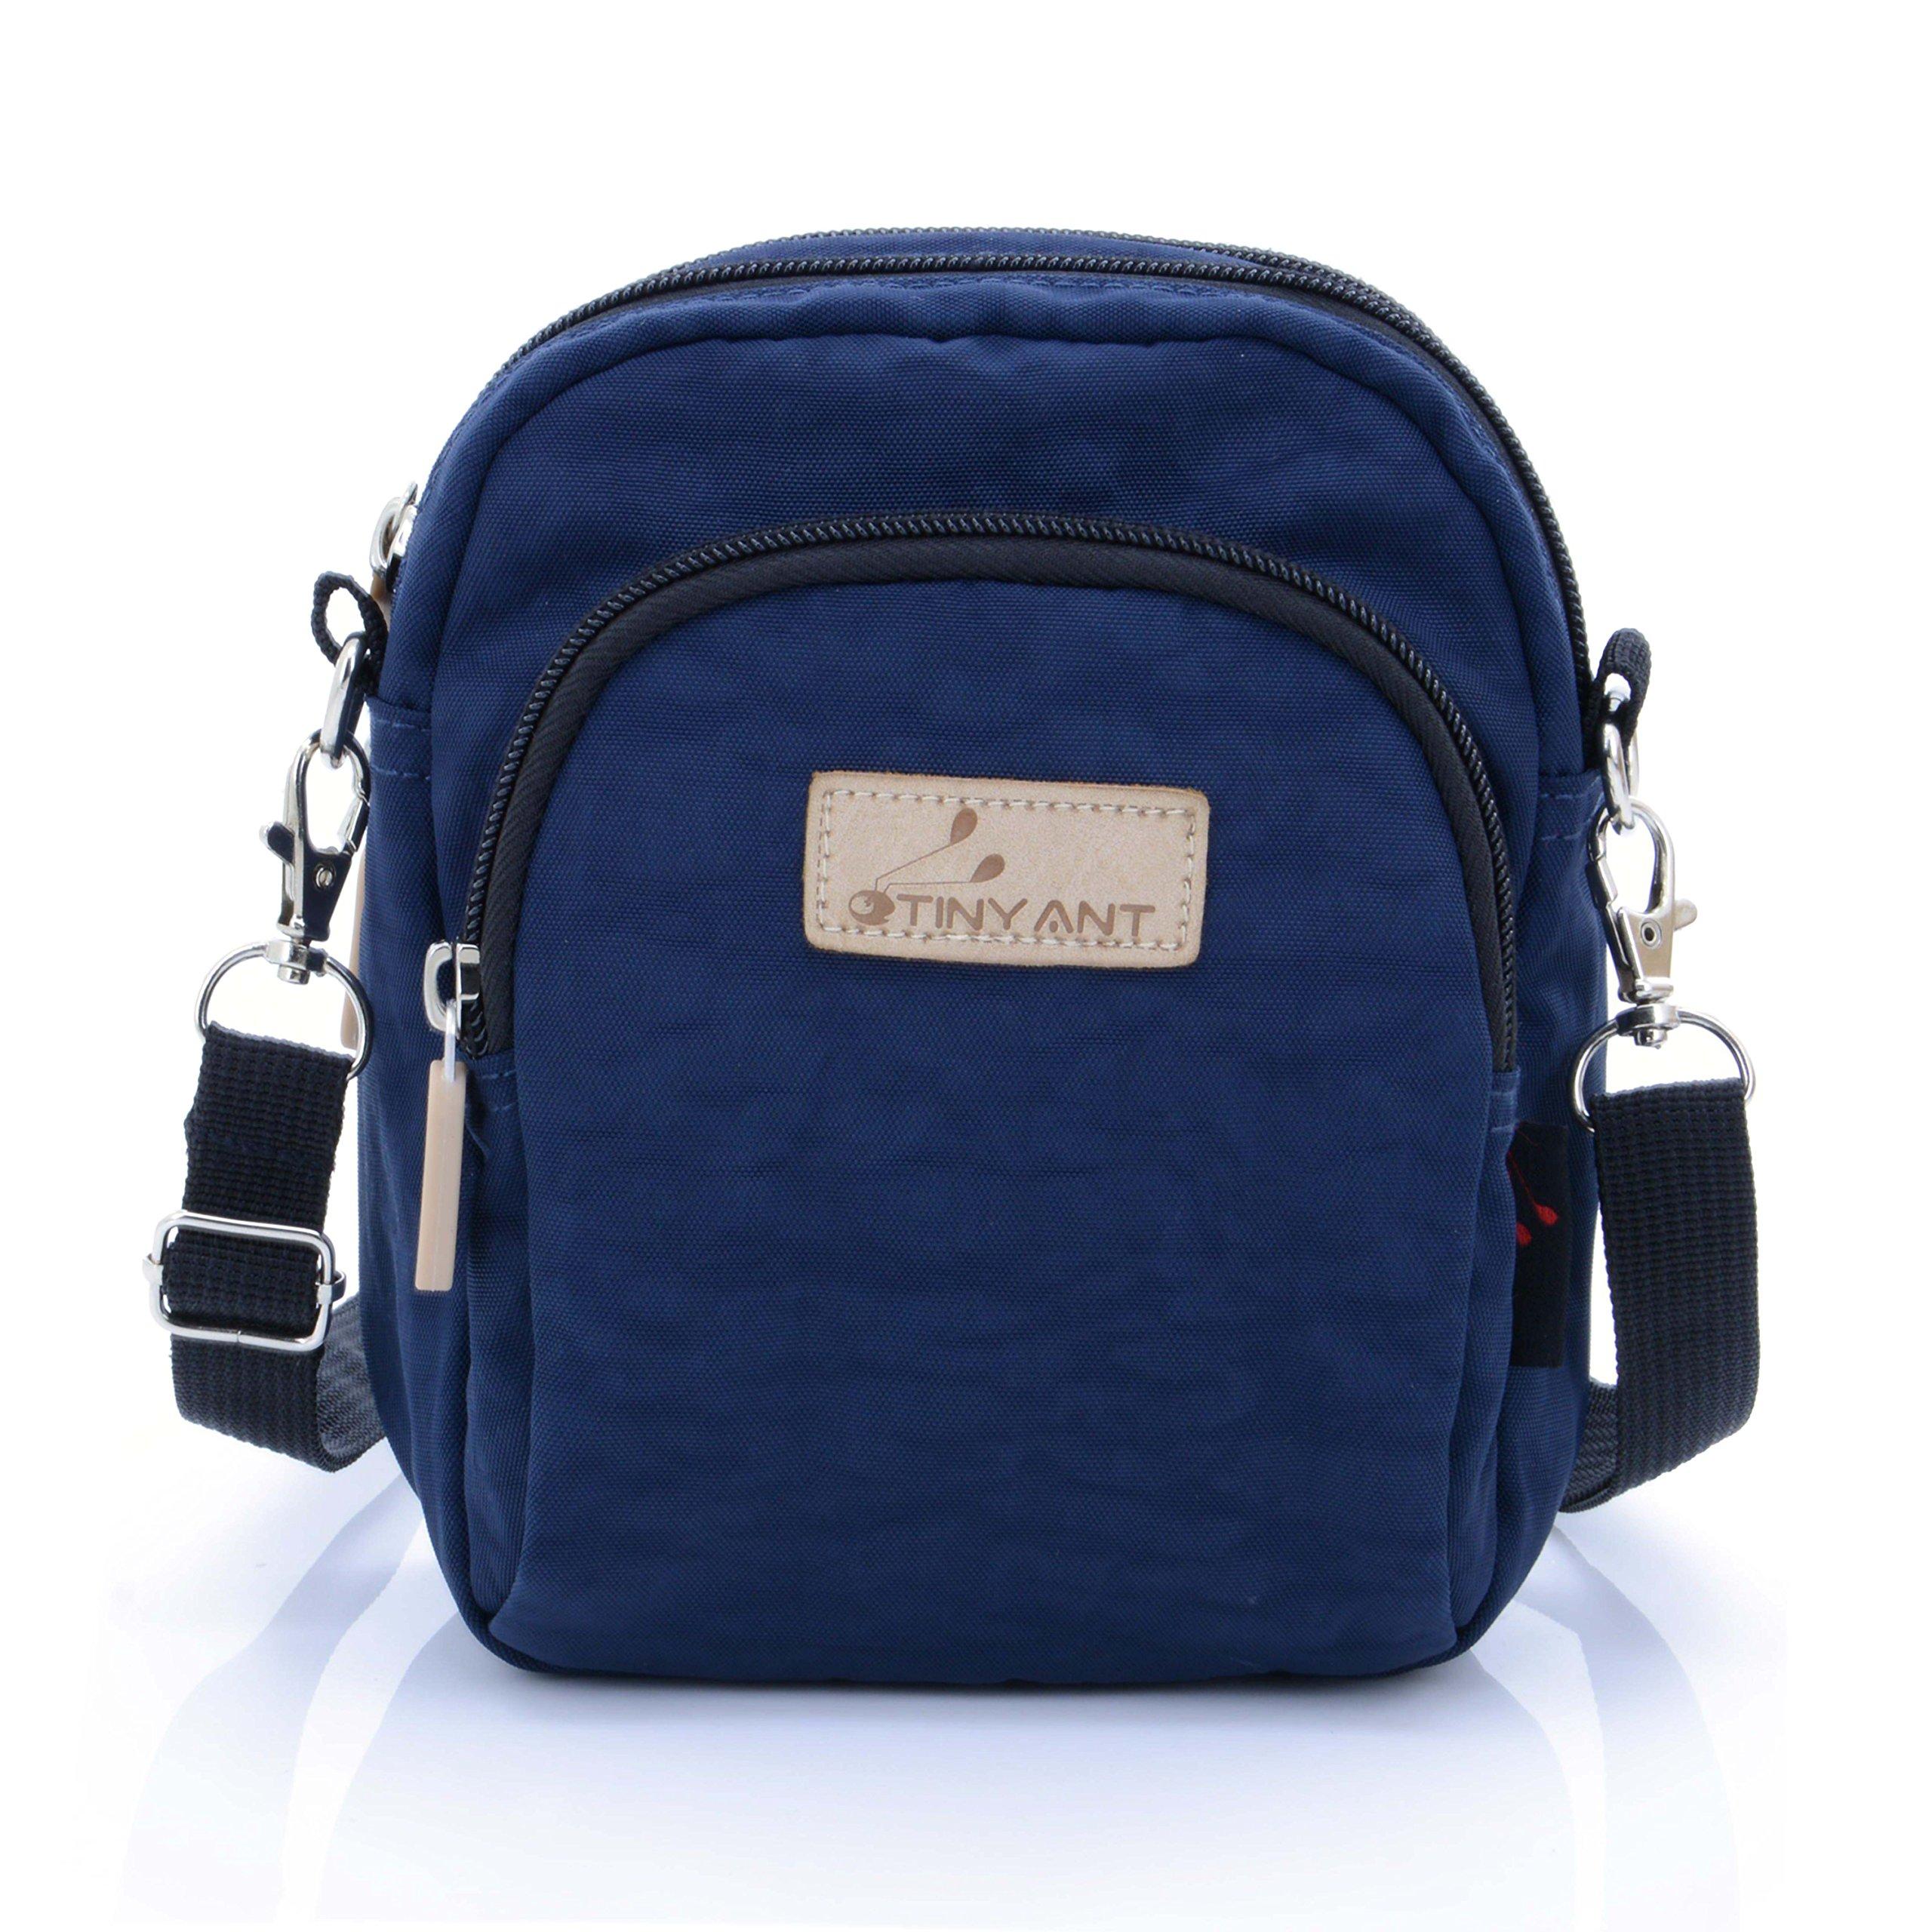 Women's 3 Layers Wristlet Purse Zipped Cell Phone Clutch Crossbody Handbags(Waist/Shoulder Bag-Dark Blue)